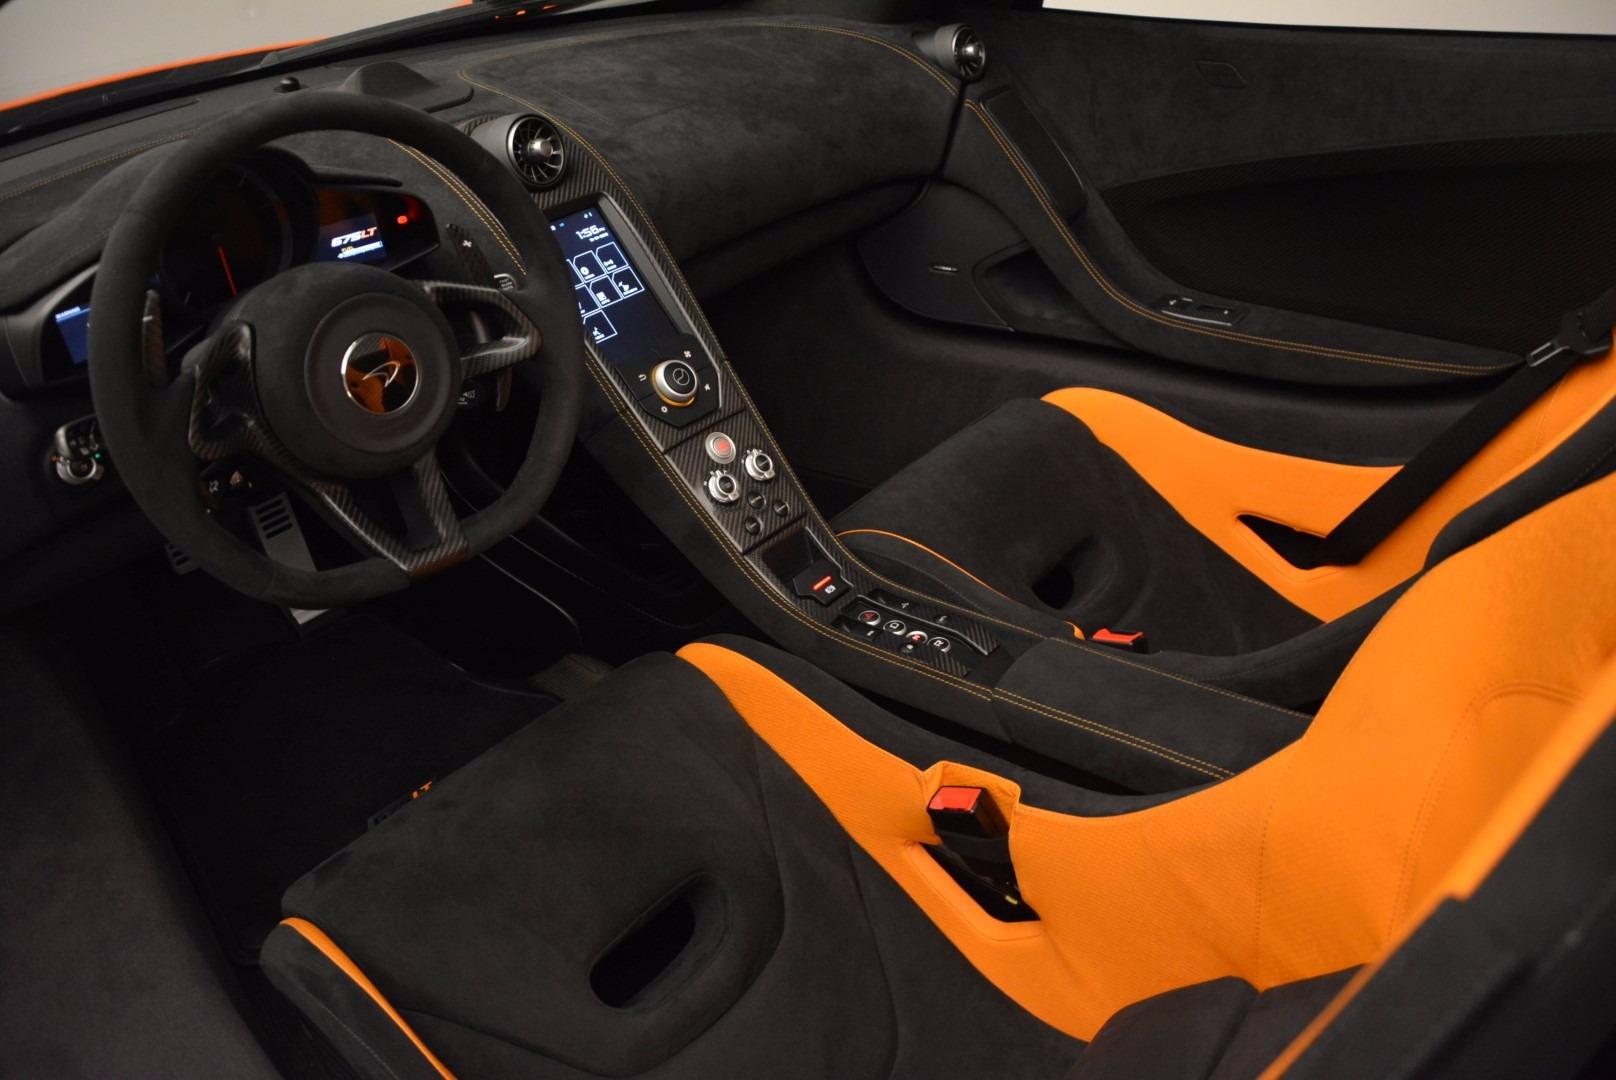 Used 2016 McLaren 675LT Spider Convertible For Sale In Westport, CT 1150_p22